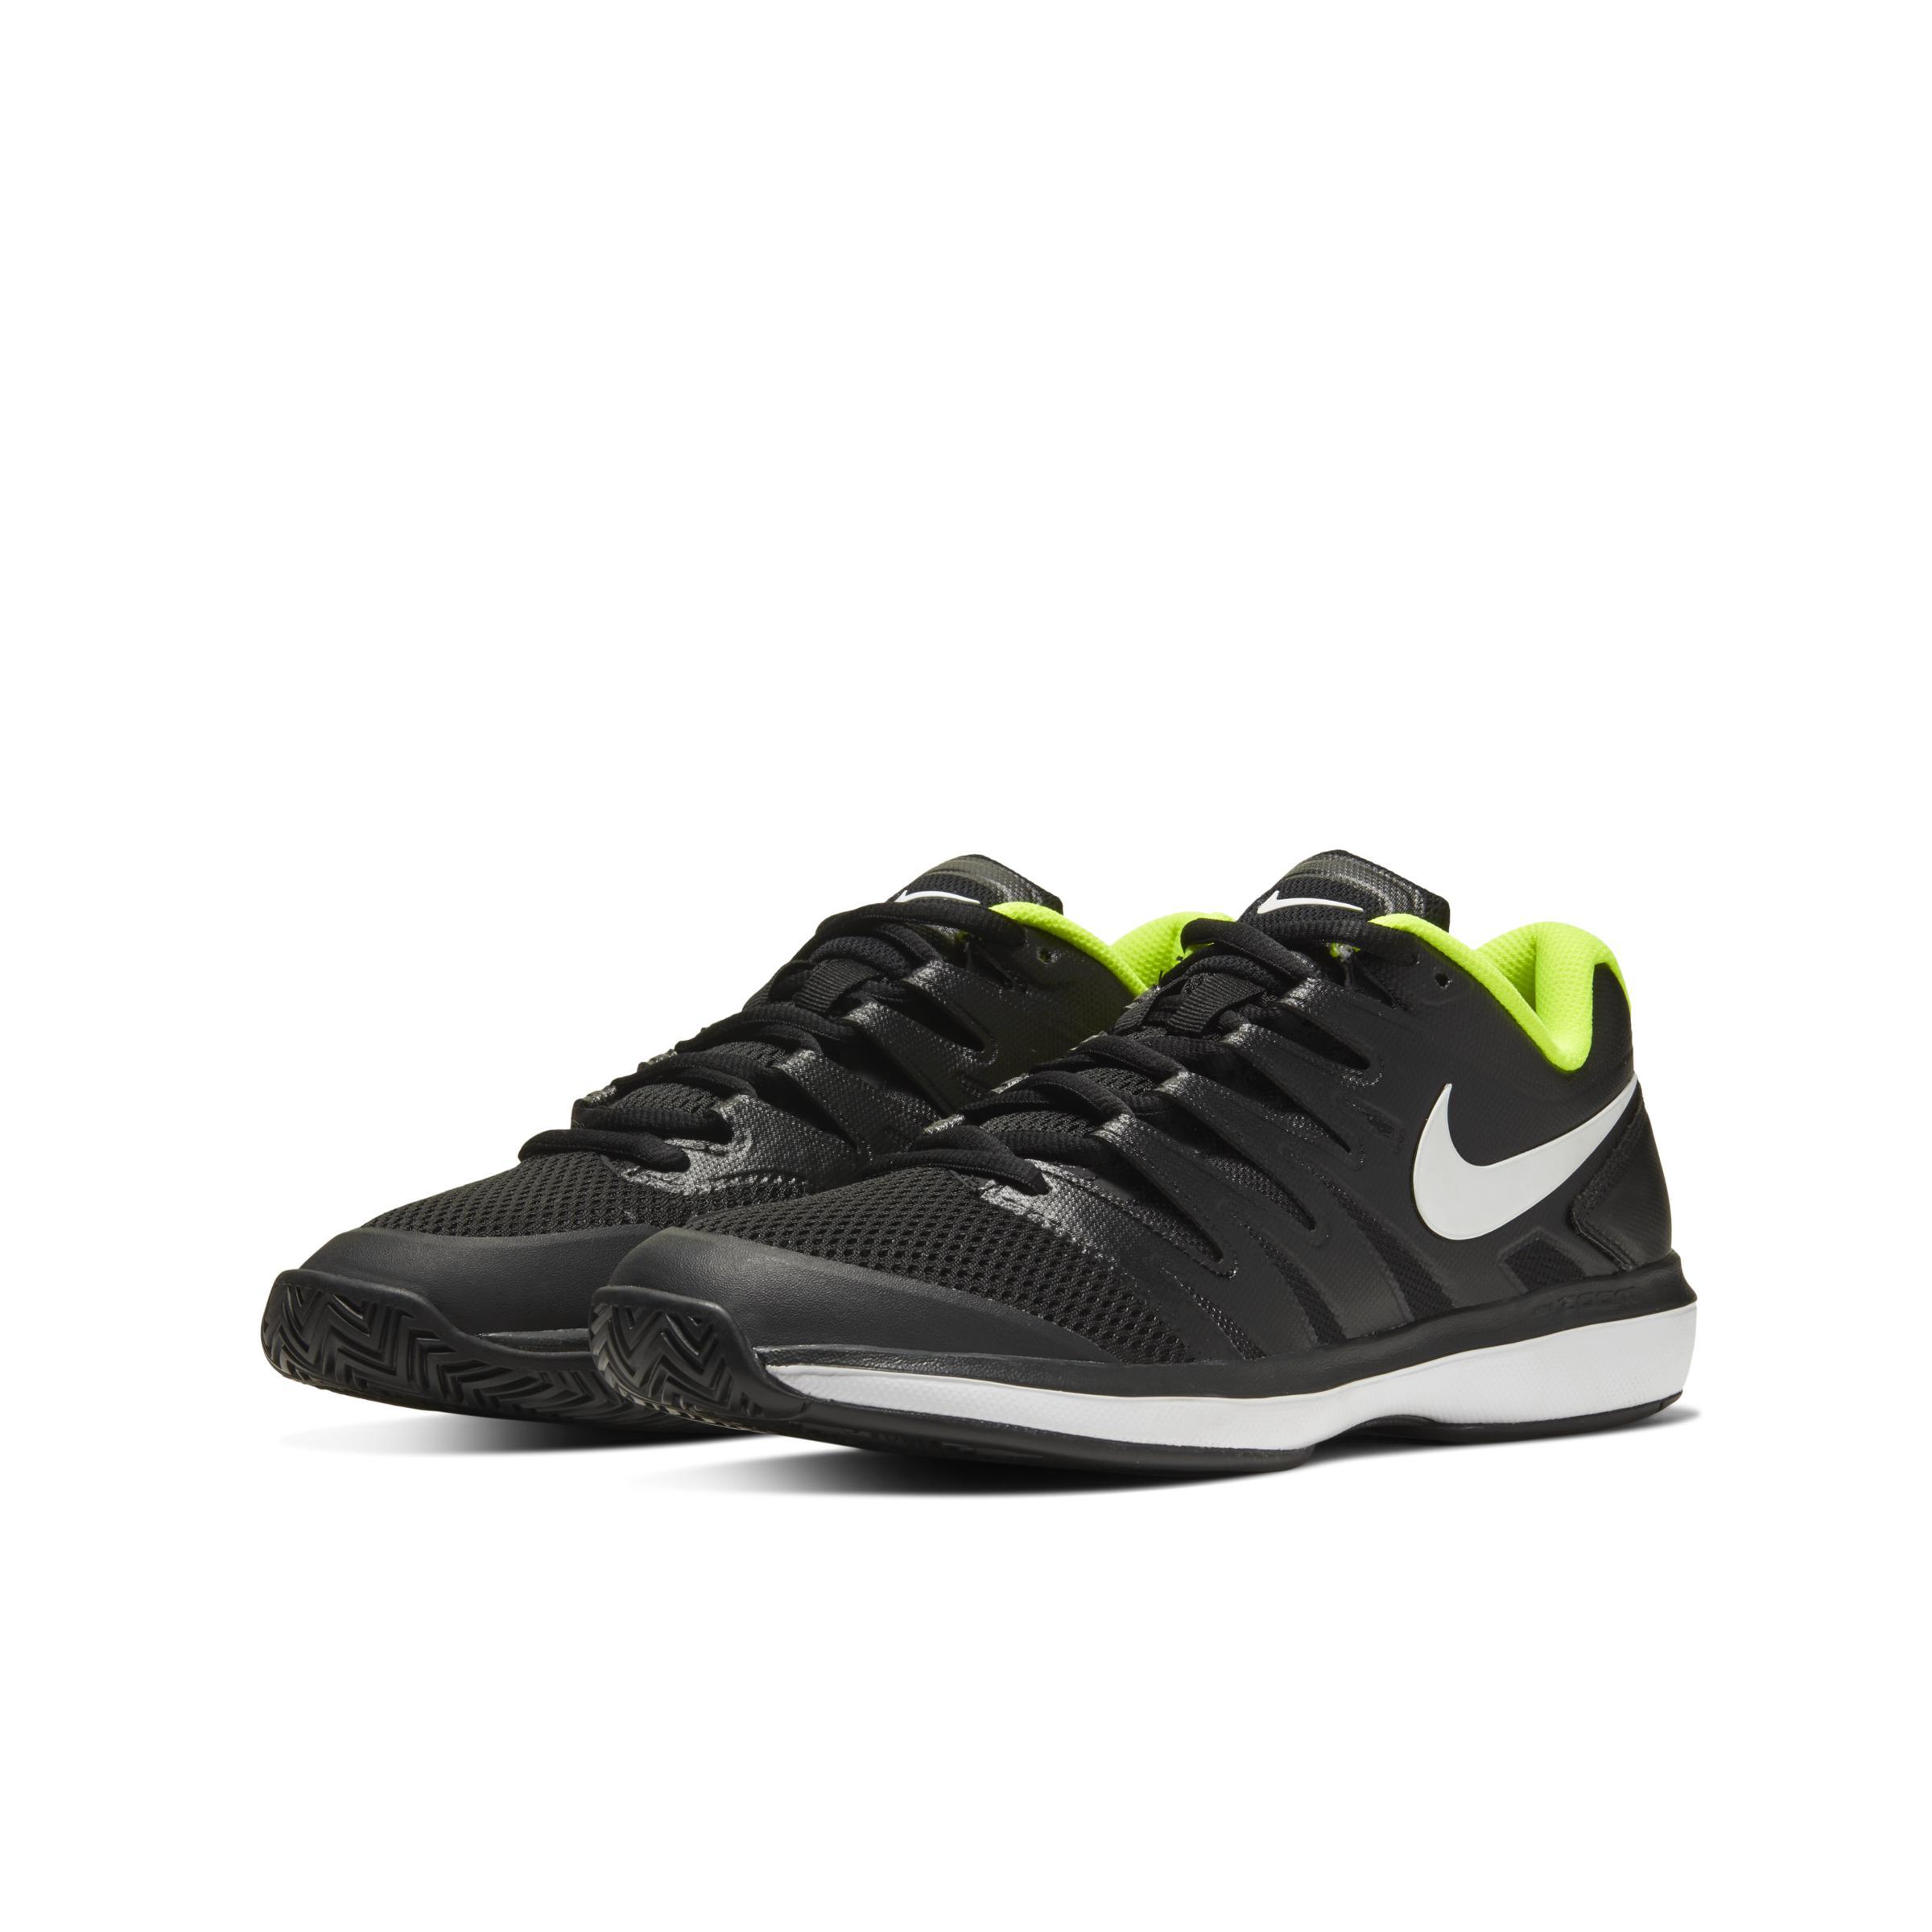 Court Air Zoom Prestige Zapatillas de tenis para tierra batida Nike de Caucho de color Negro para hombre: ahorra un 55 %